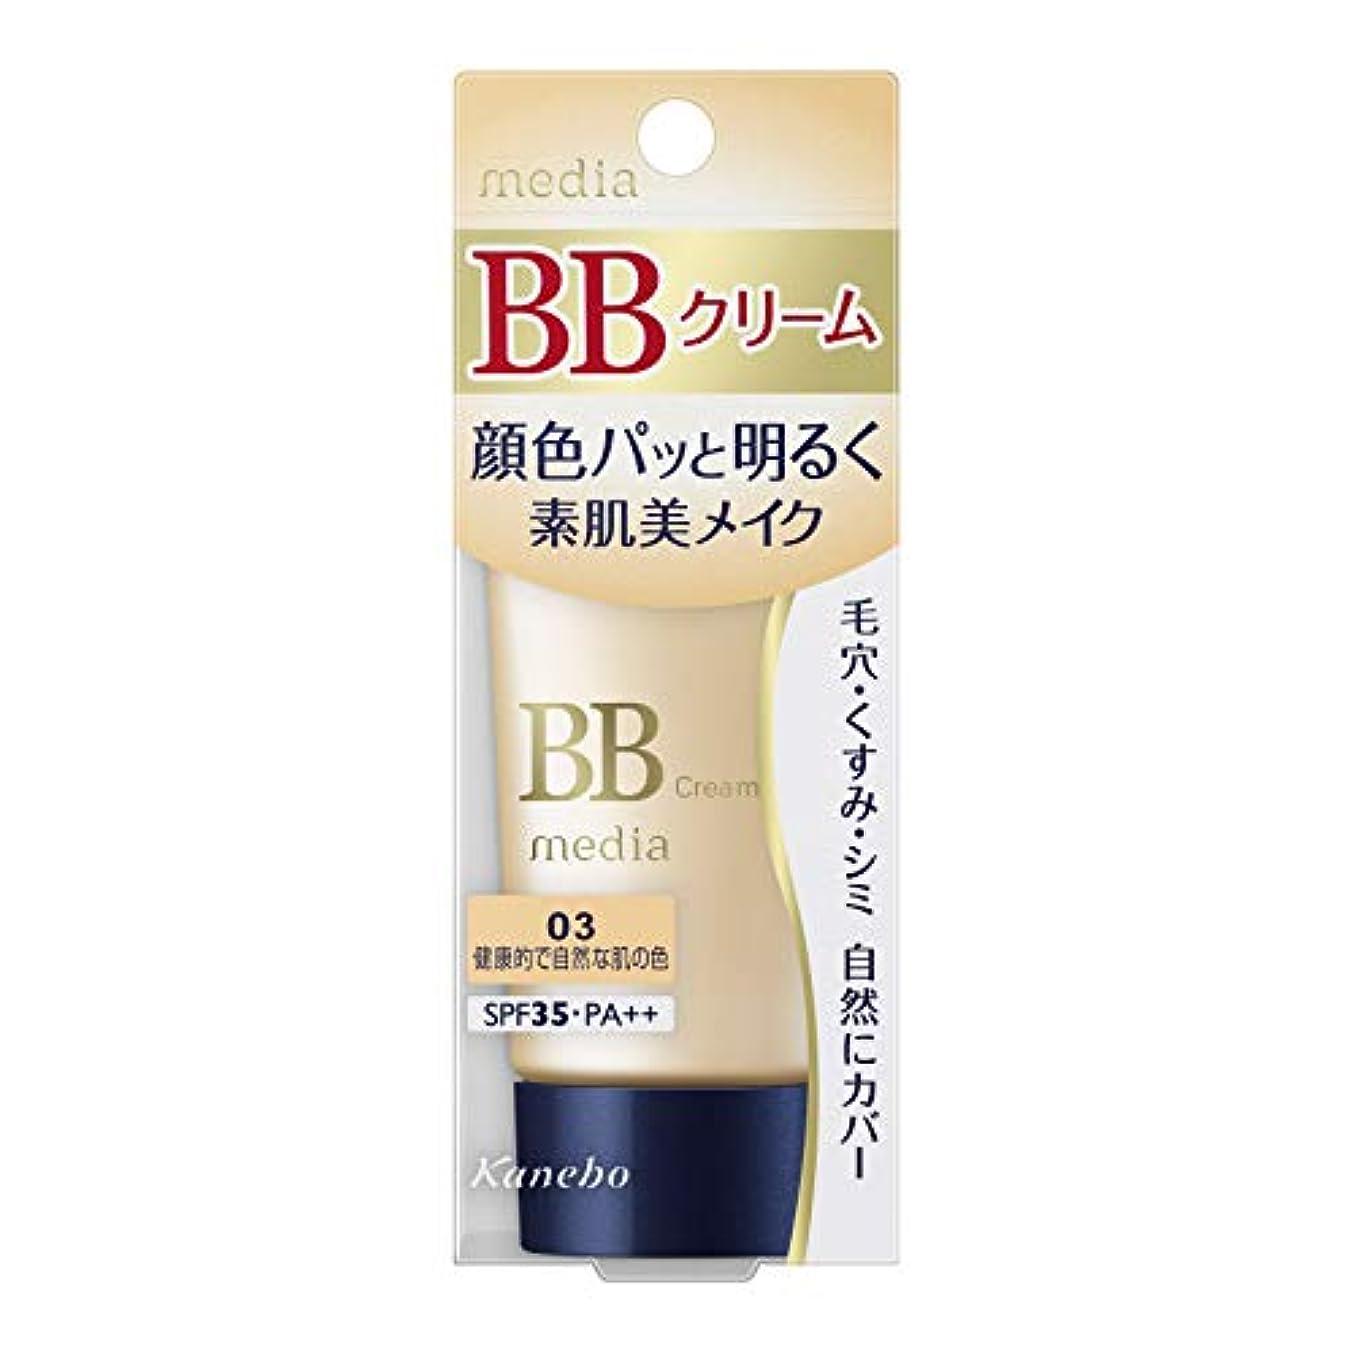 カネボウ化粧品 メディア BBクリームS 03 35g